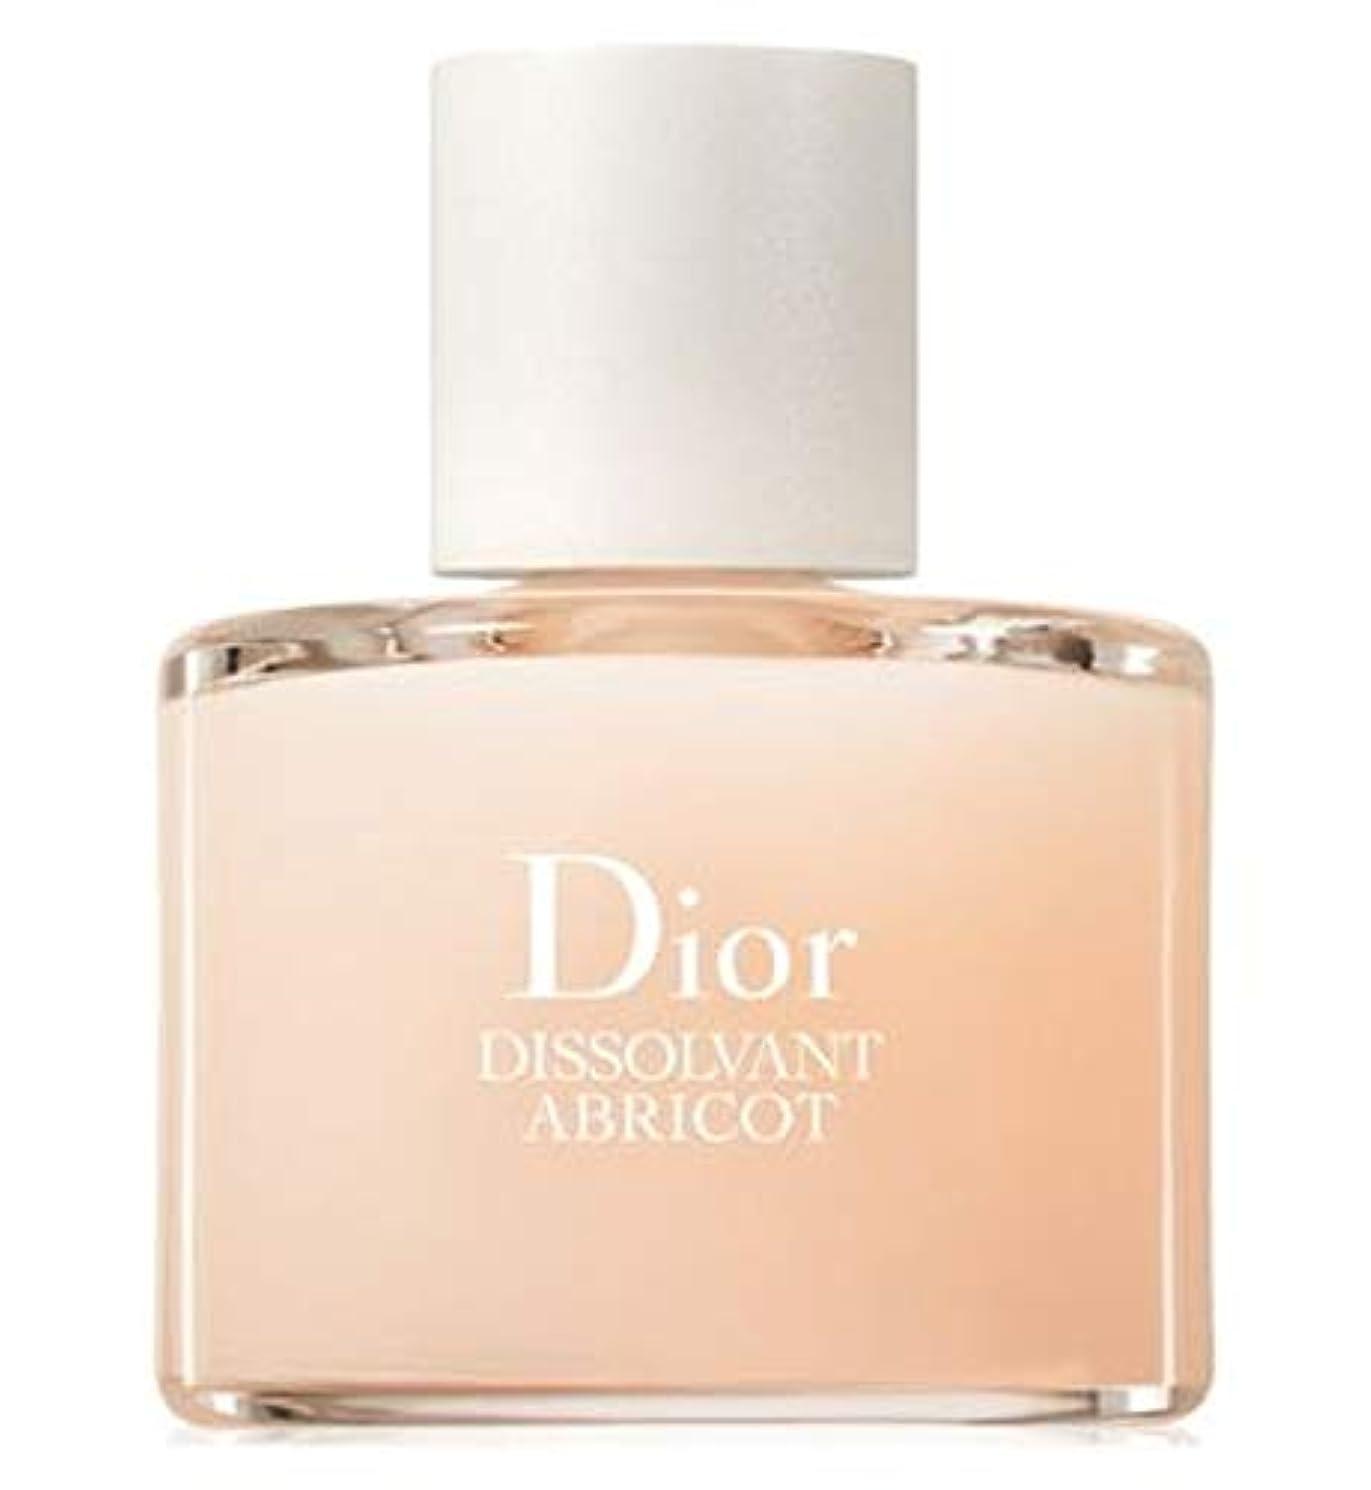 伝記疫病意味[Dior] Abricotケア濃縮50ミリリットルで穏やかポリッシュリムーバーAbricotディオールDissolvant - Dior Dissolvant Abricot Gentle Polish Remover...